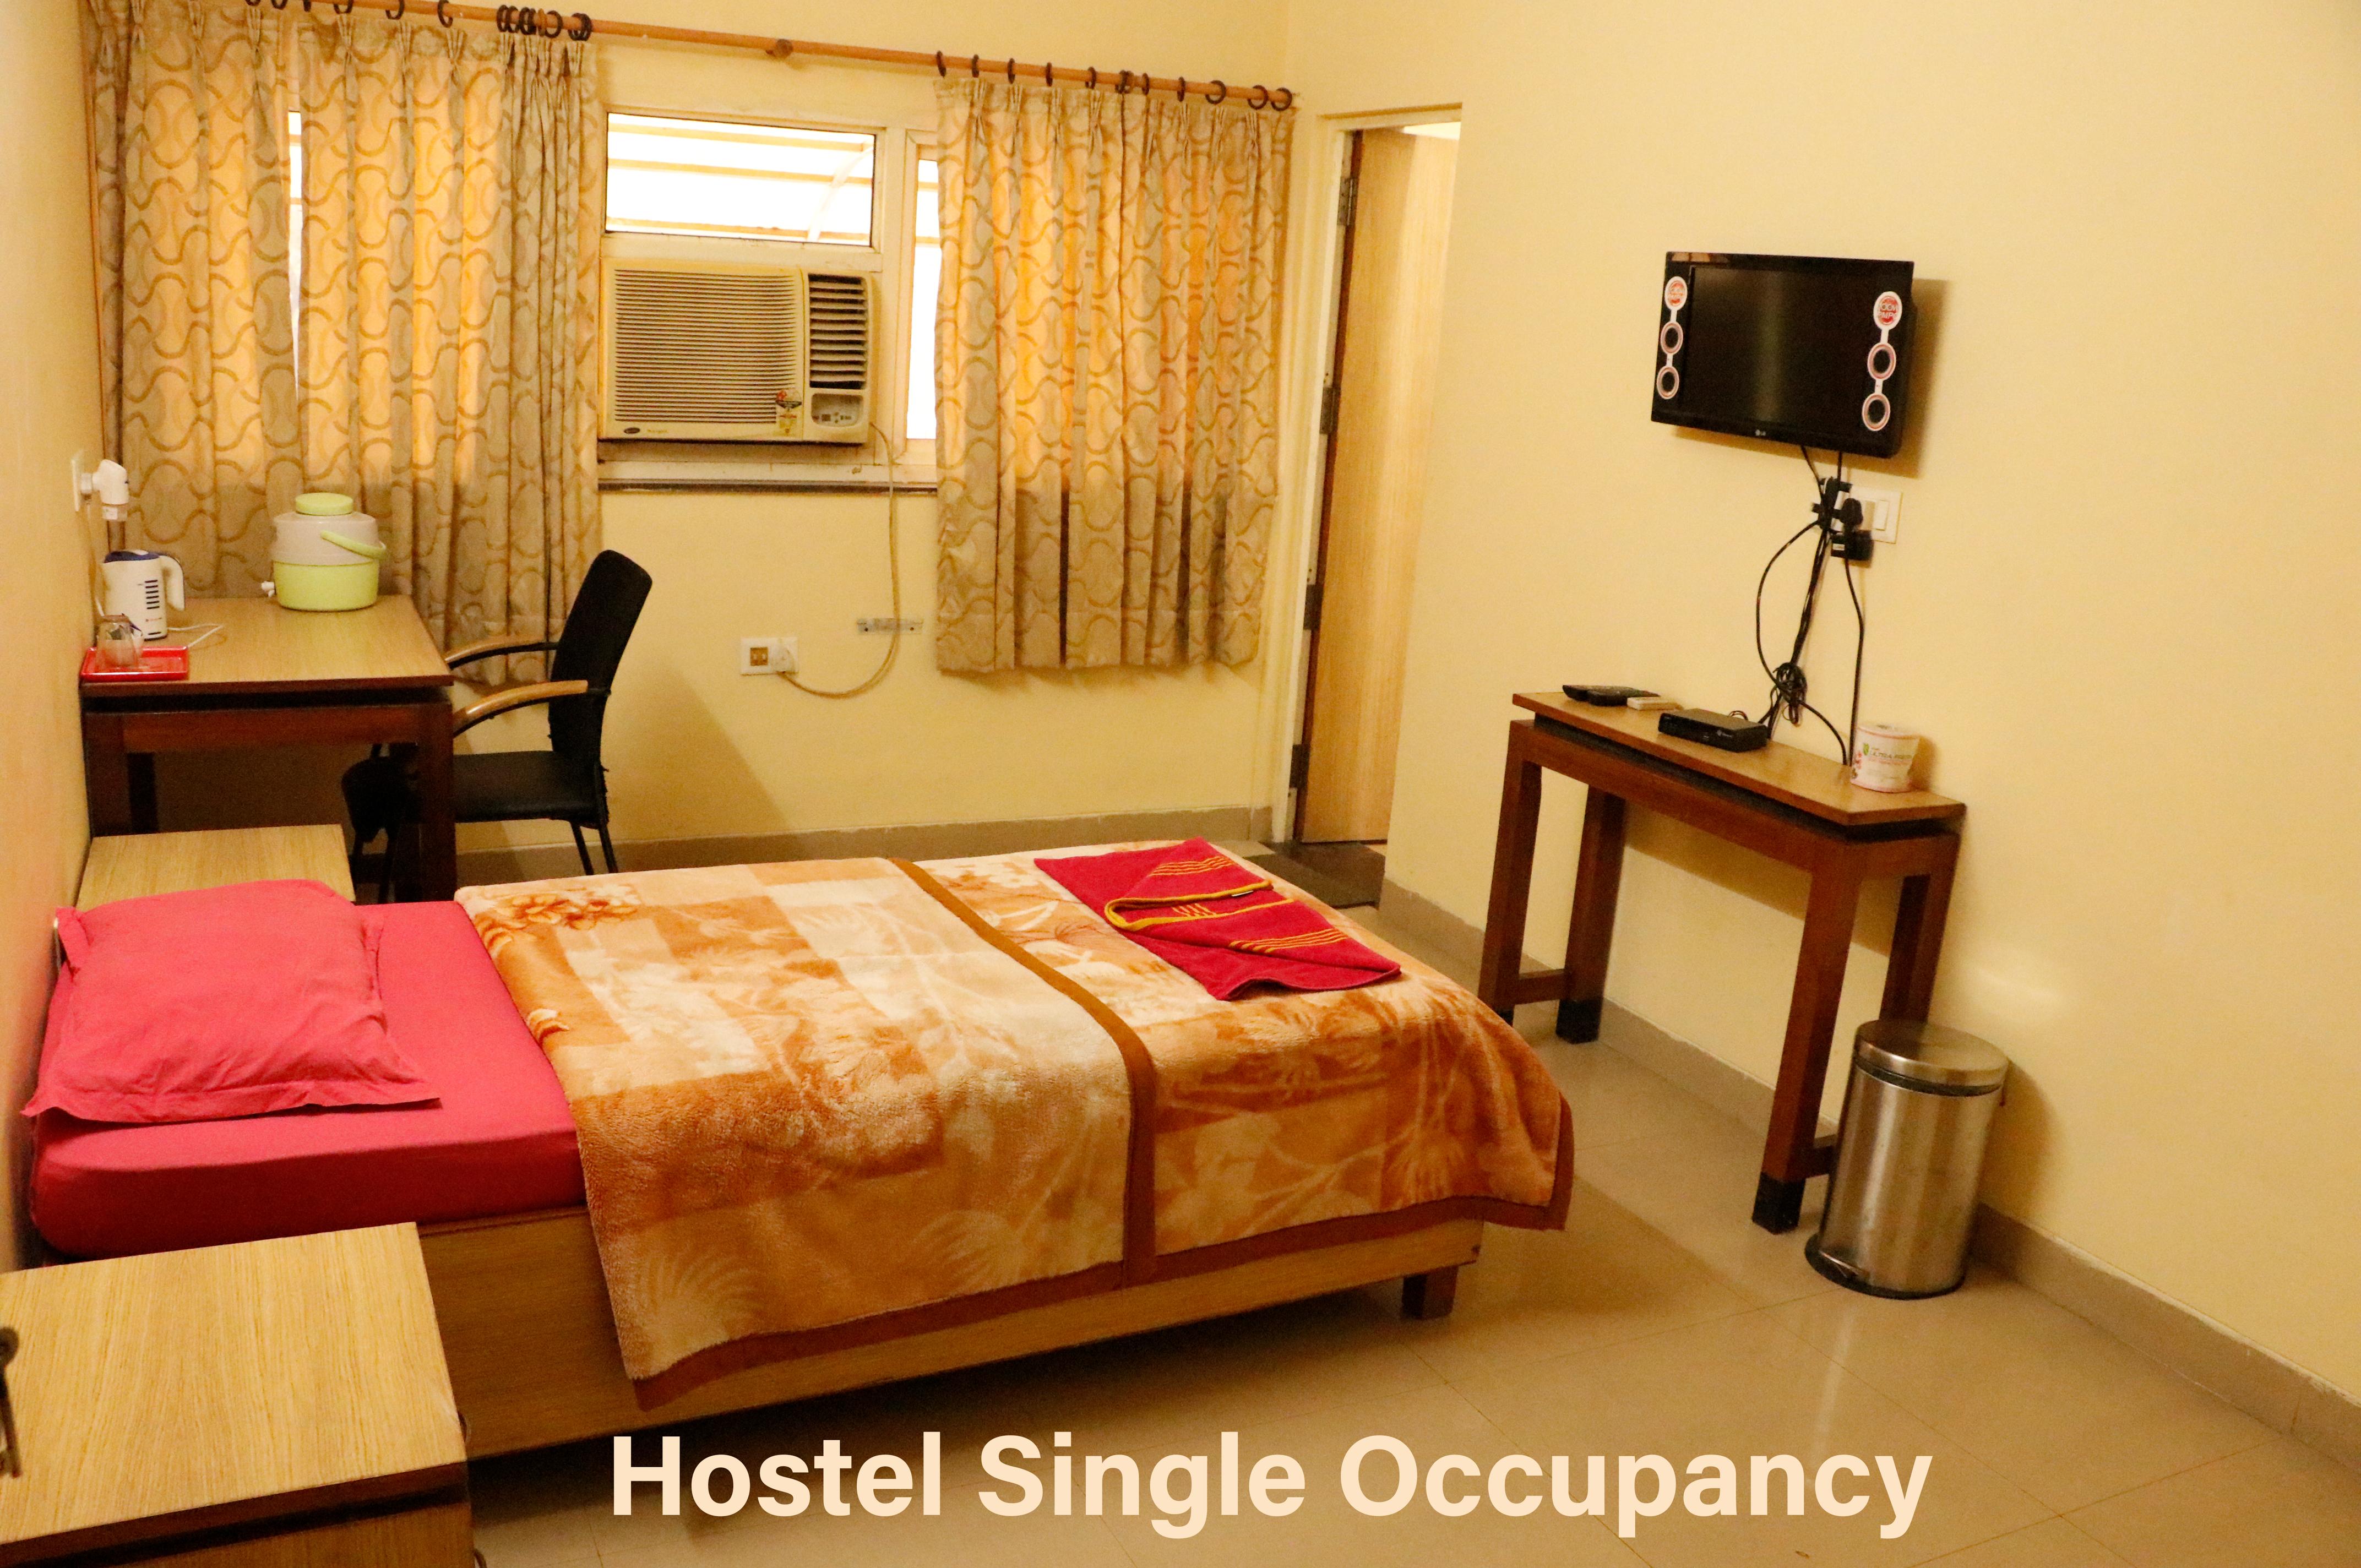 Hostel Single Occupancy